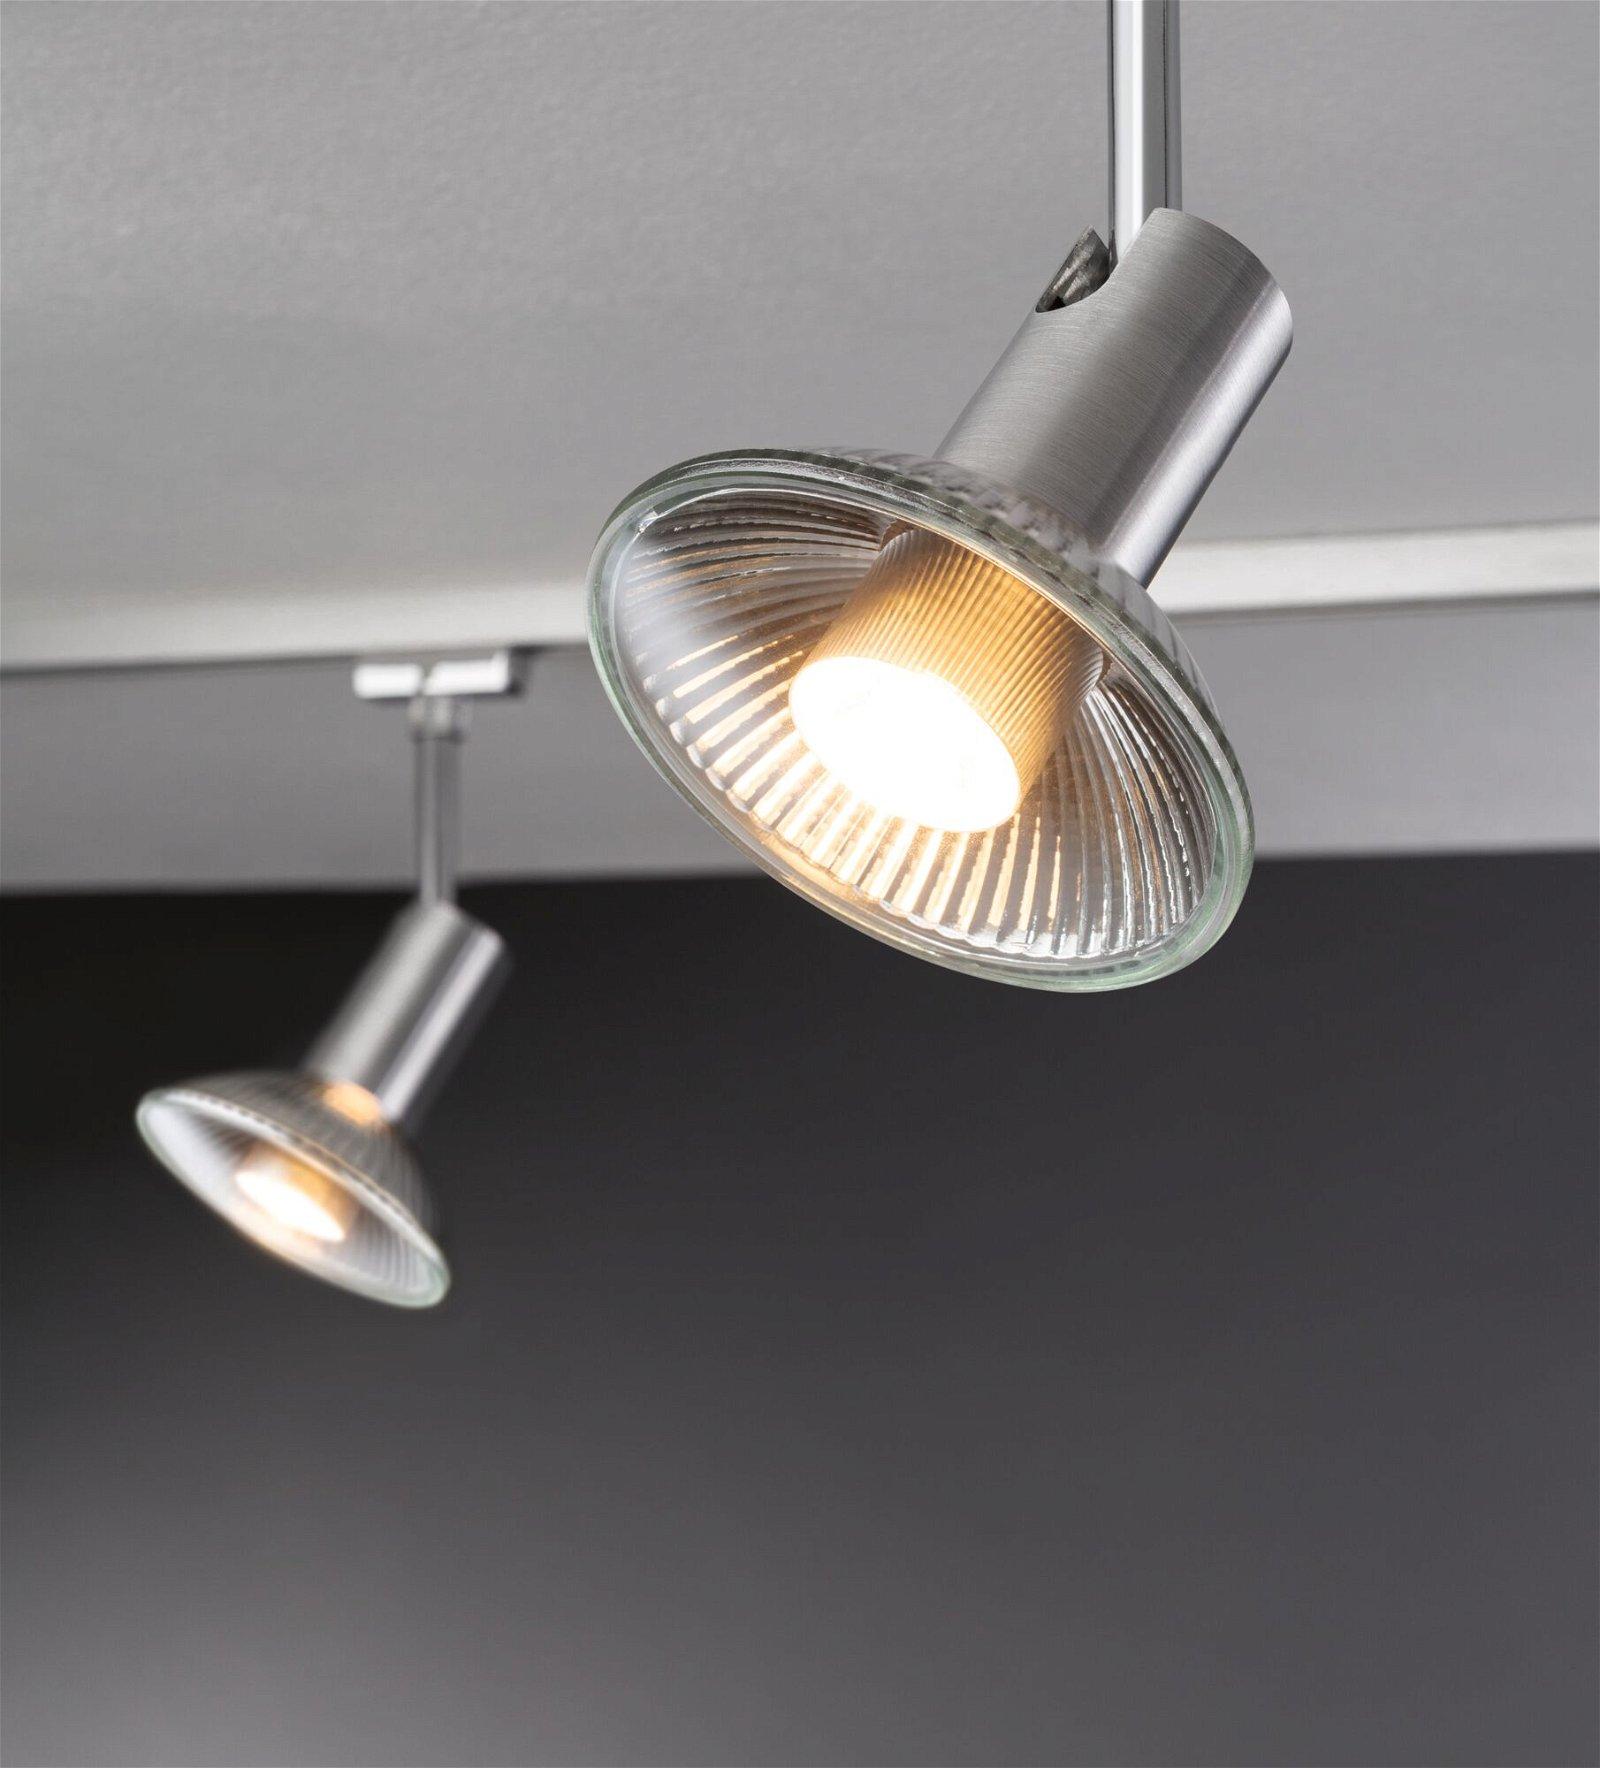 Réflecteur LED GU10 230V 350lm 4W 2700K Alu